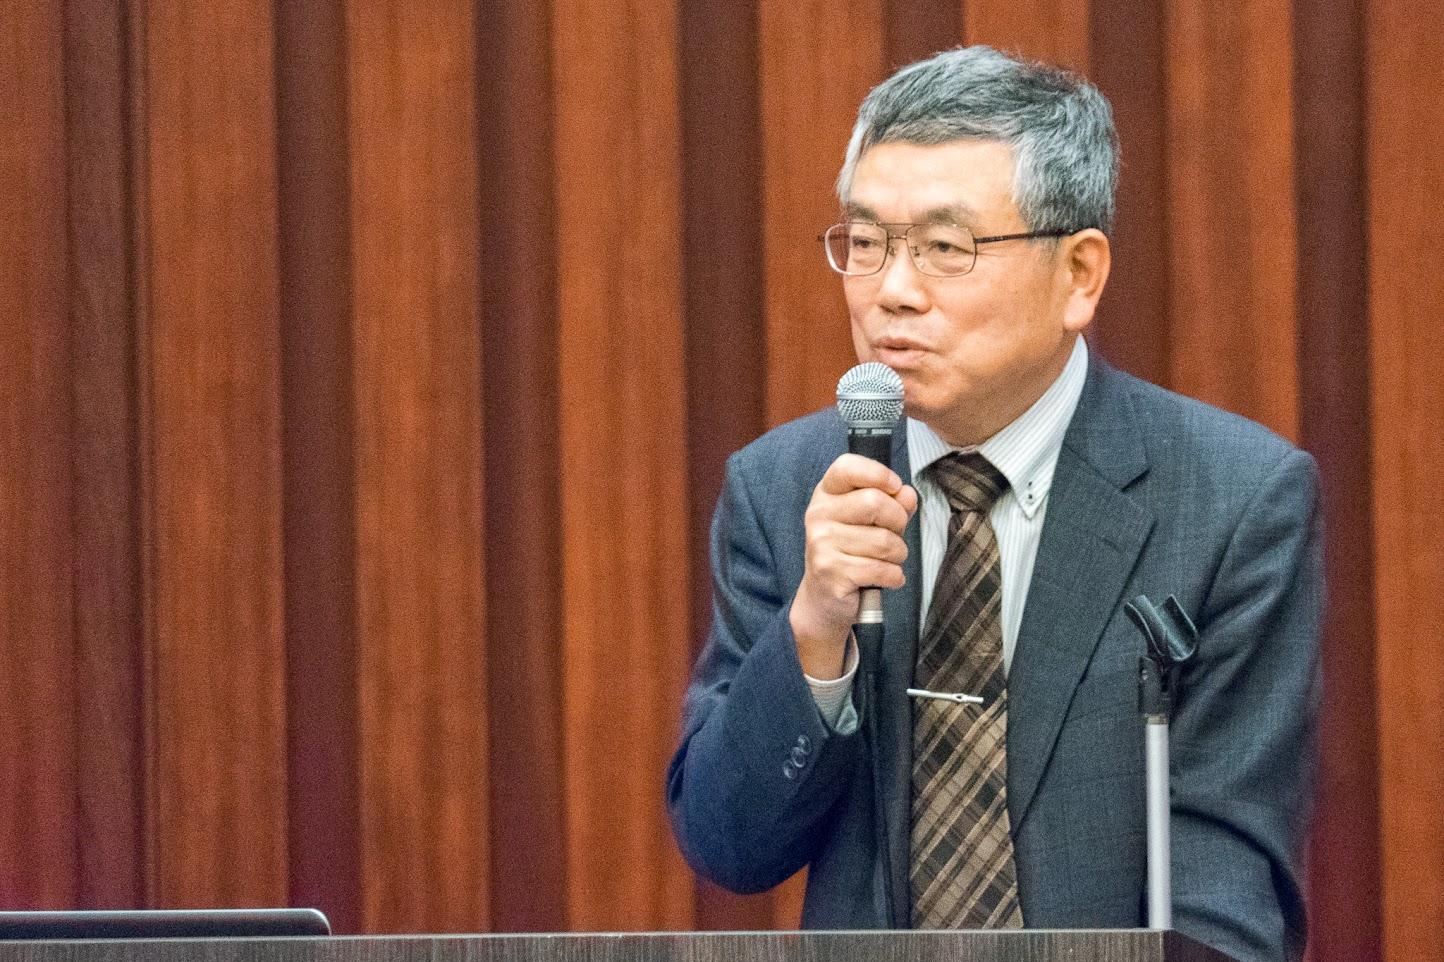 抱樸館福岡・専務スタッフ 宮崎利明さん